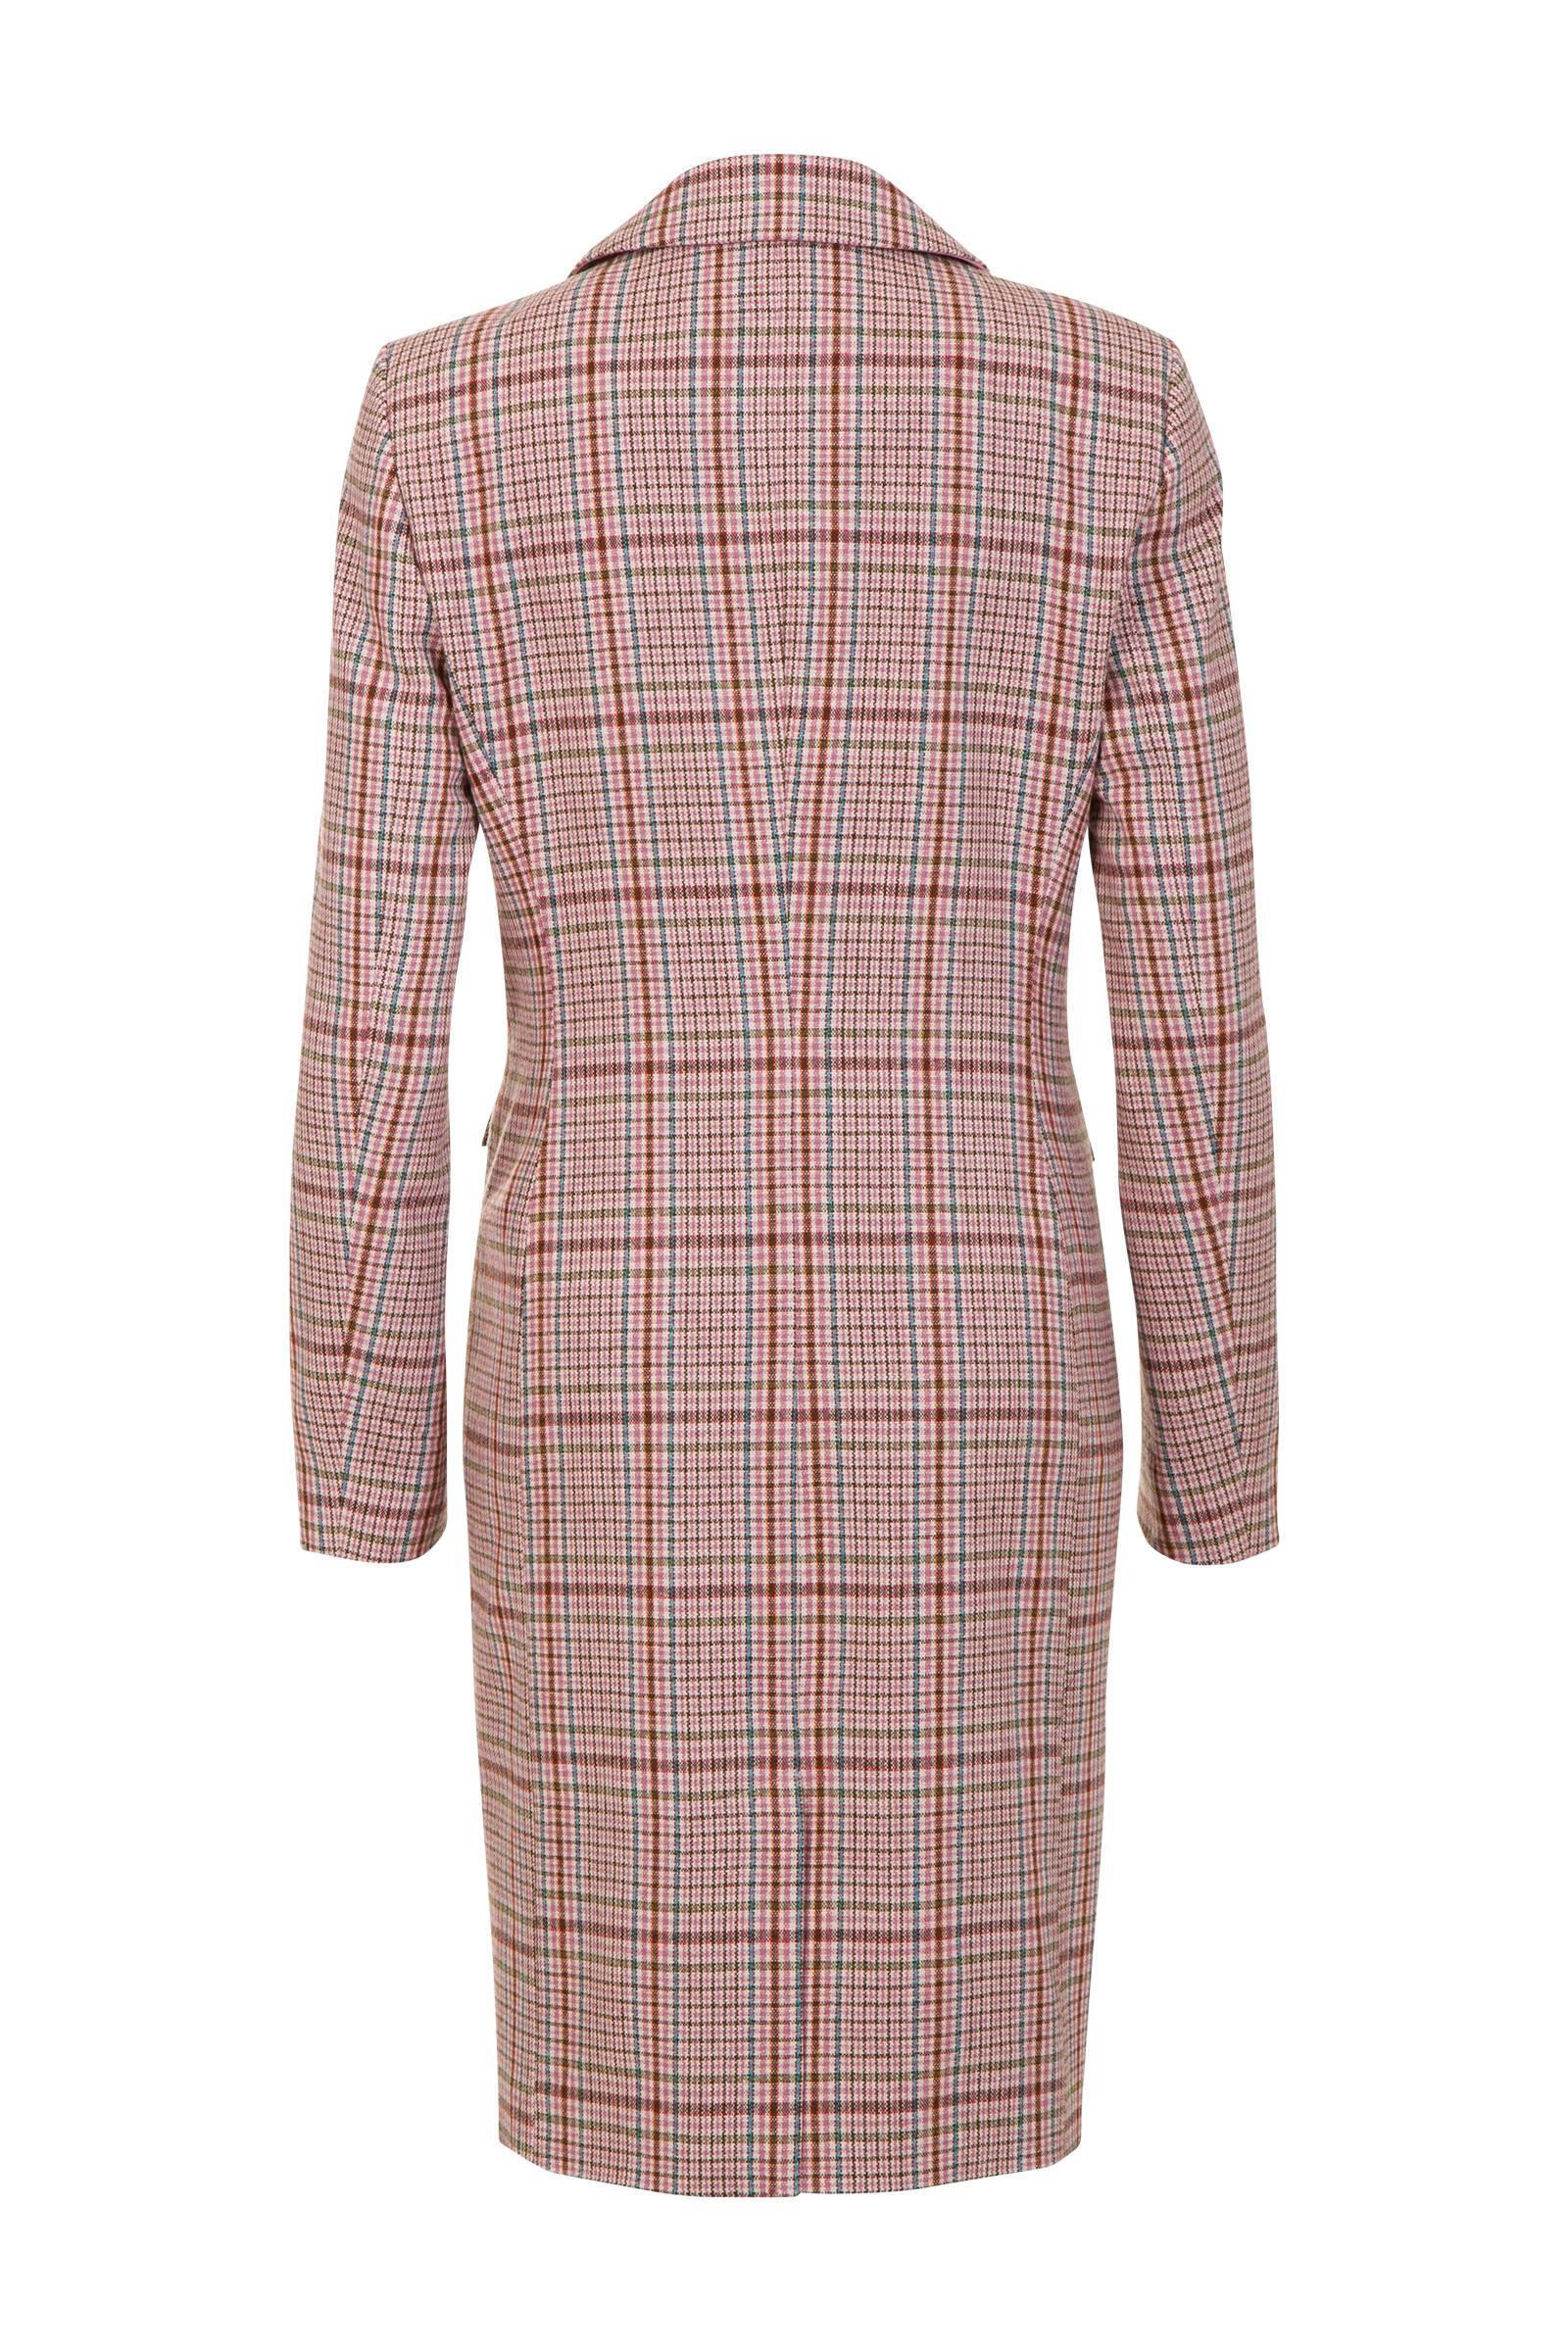 groot assortiment hete verkoop enorme inventaris Dameskleding Coat Promiss Coat Coat Dameskleding Geruite ...